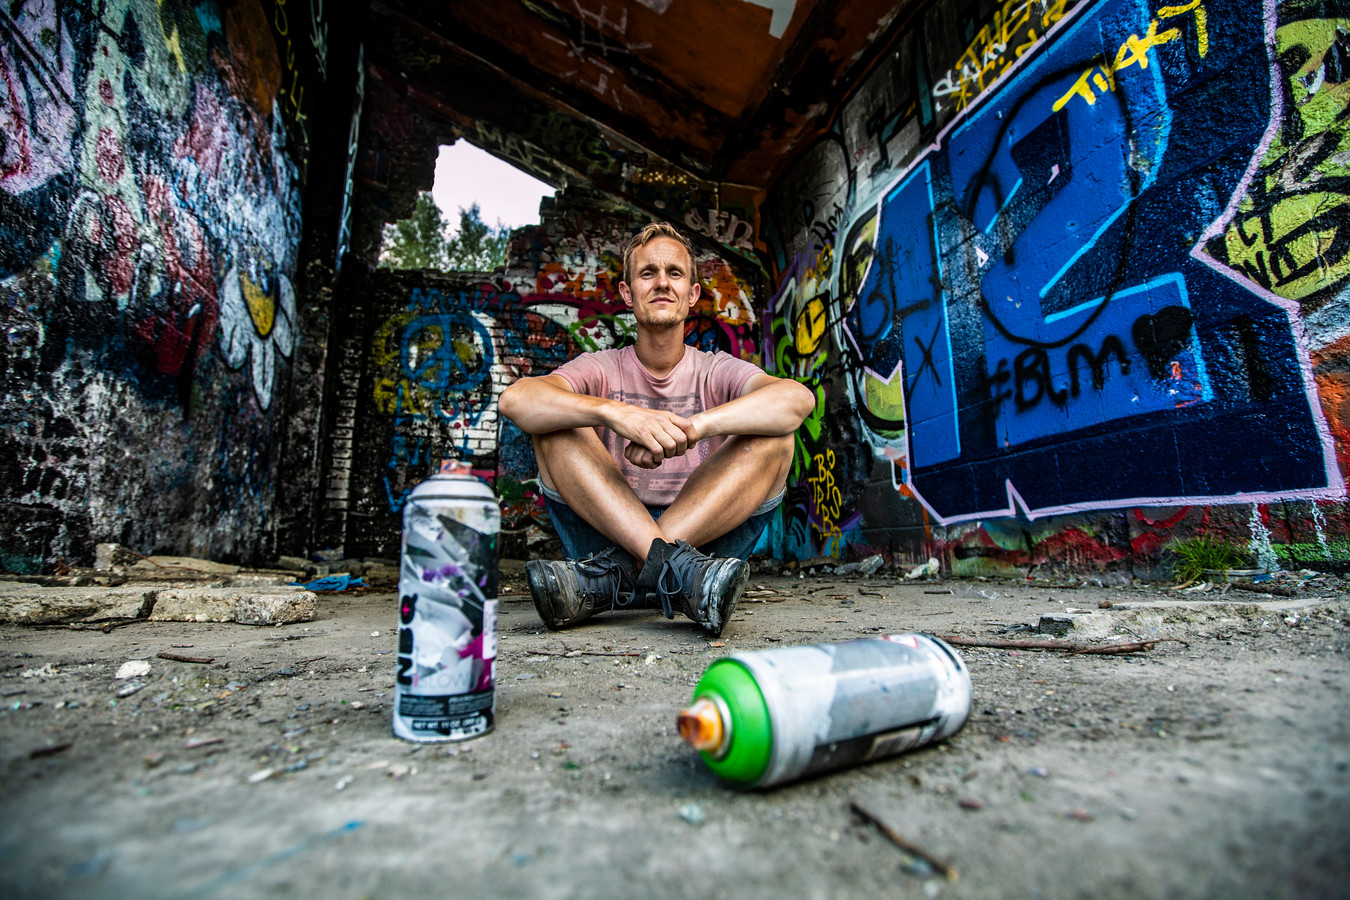 Tim, die eerste illegaal graffiti spoot maar nu niet meer.